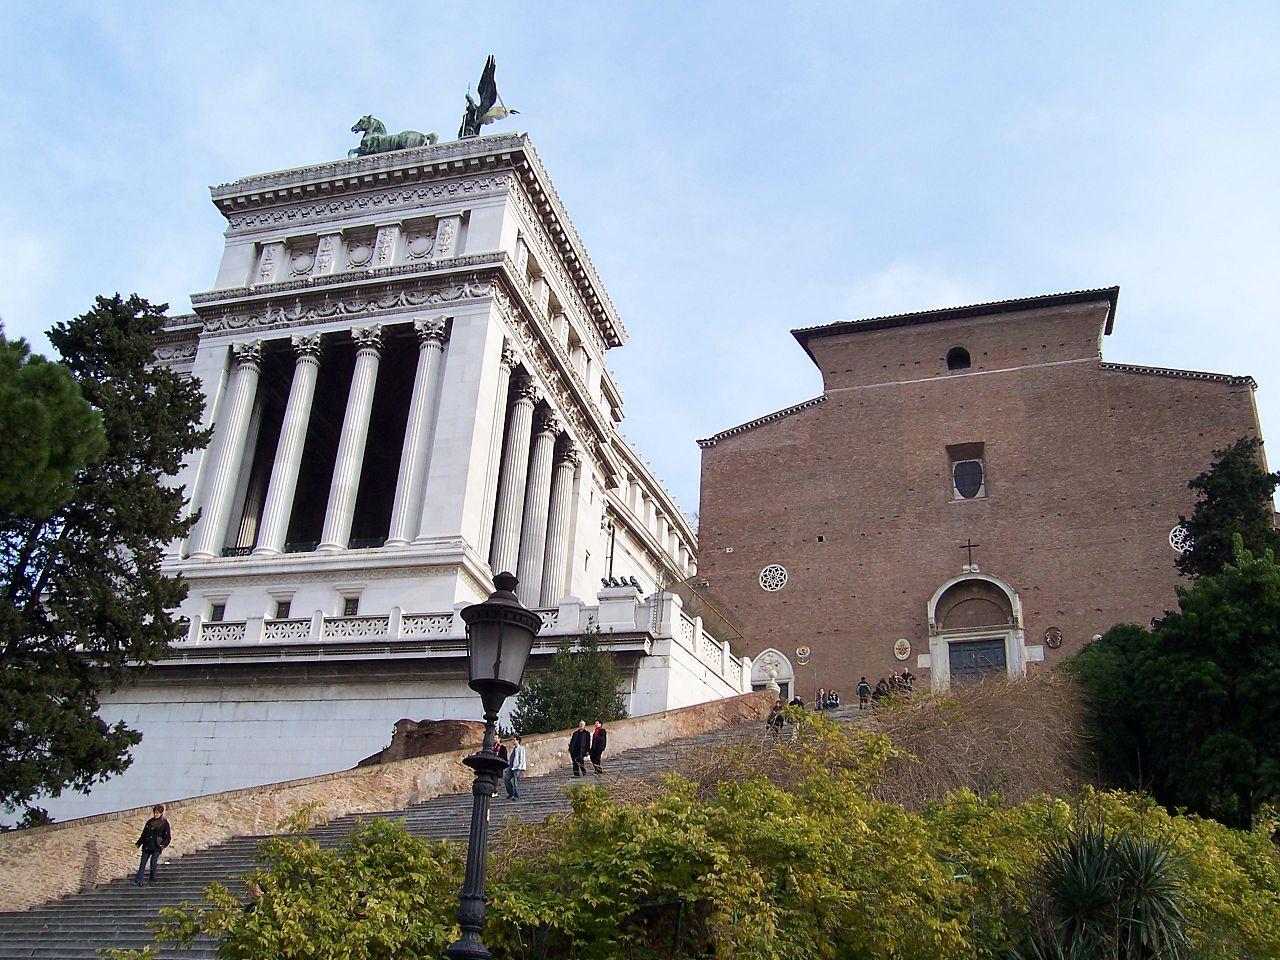 Капитолийский холм, базилика Санта-Мария-ин-Арачели